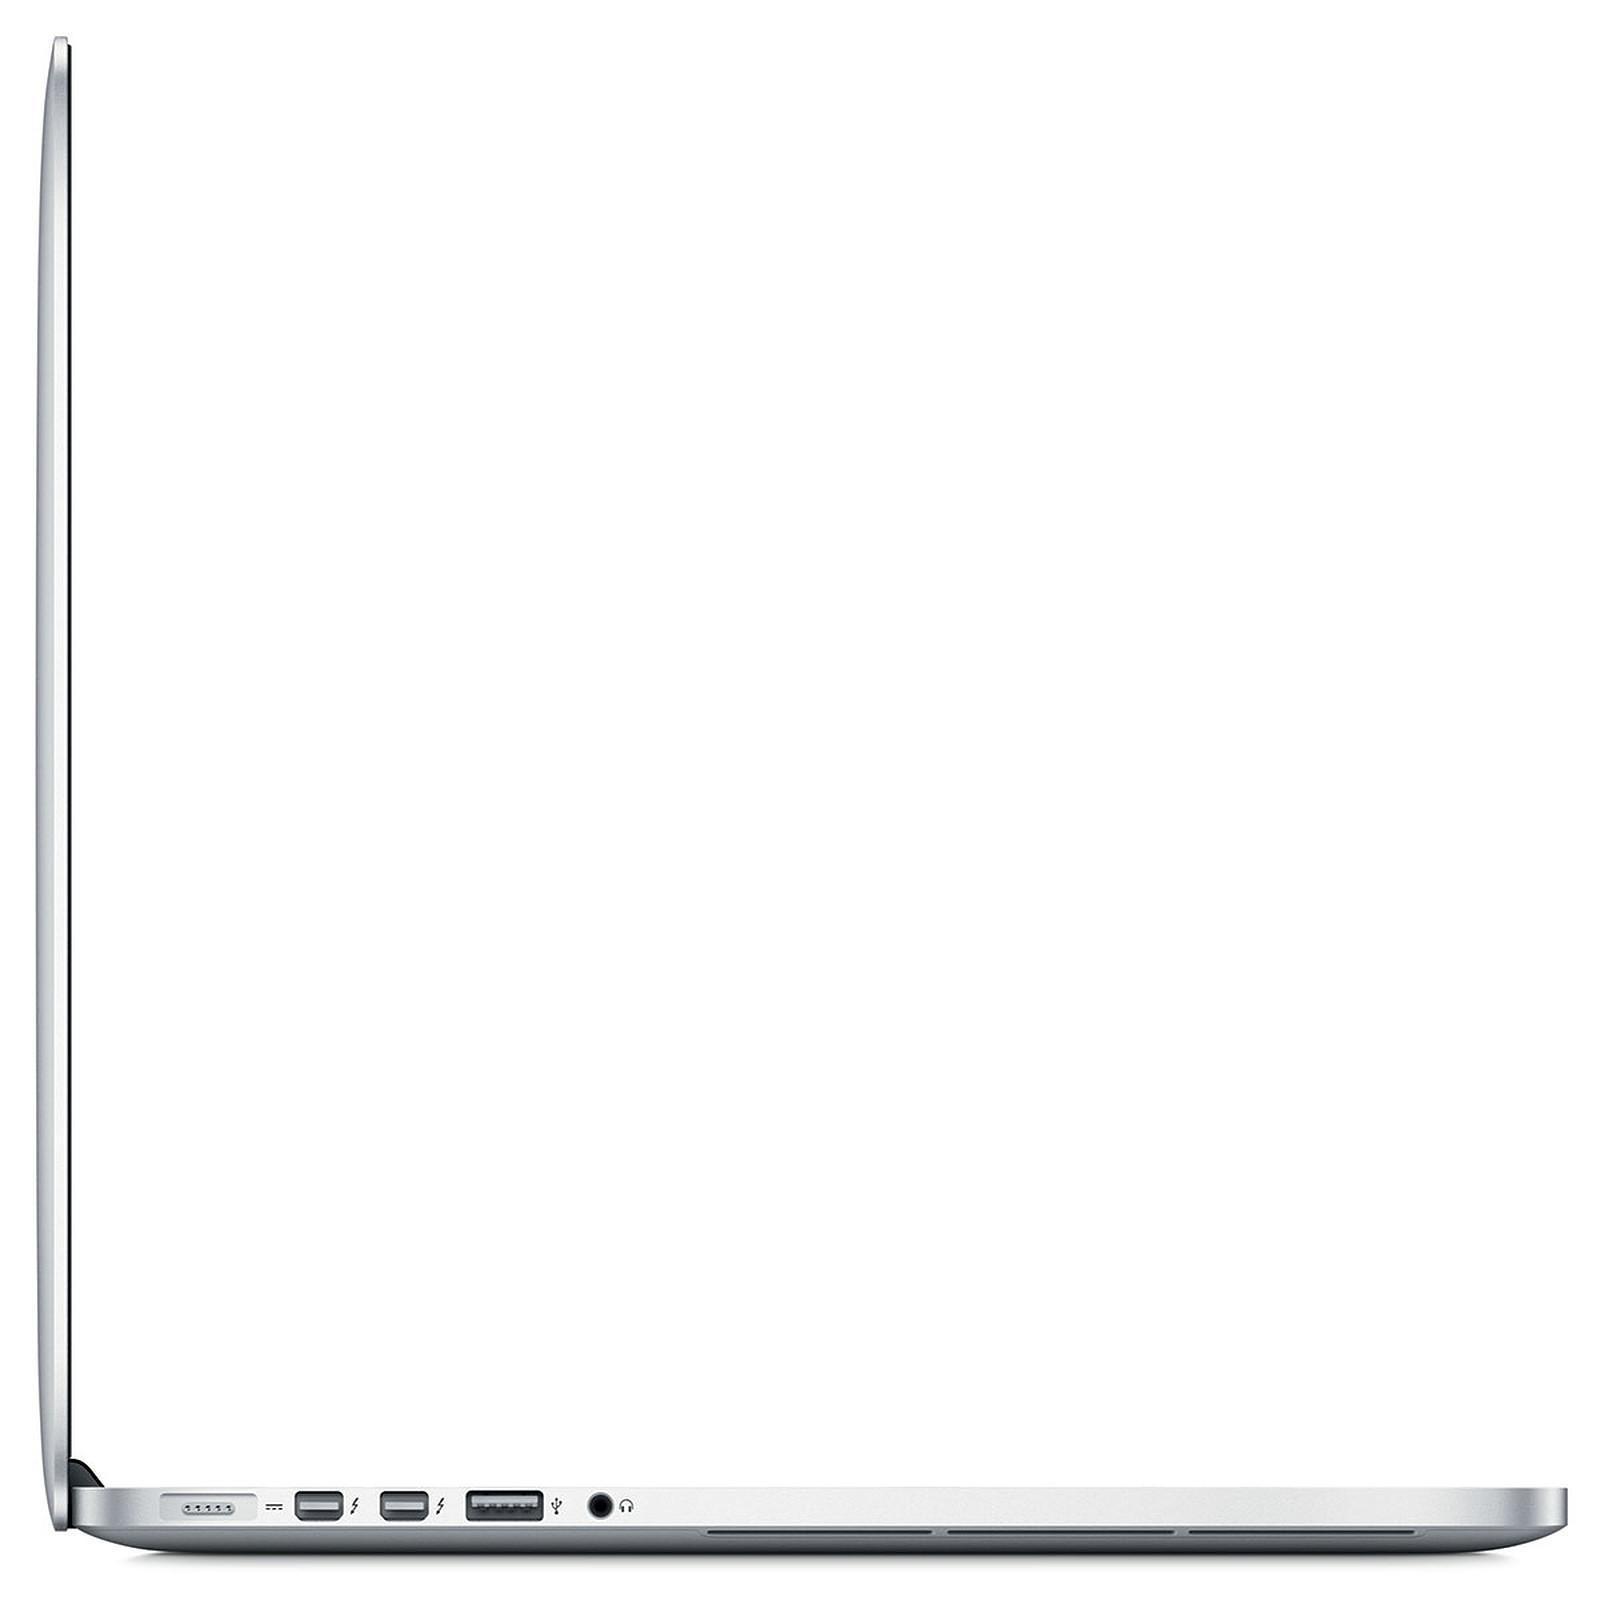 MacBook Pro Retina 15,4-tum (2014) - Core i7 - 16GB - SSD 128 GB QWERTY - Italienska